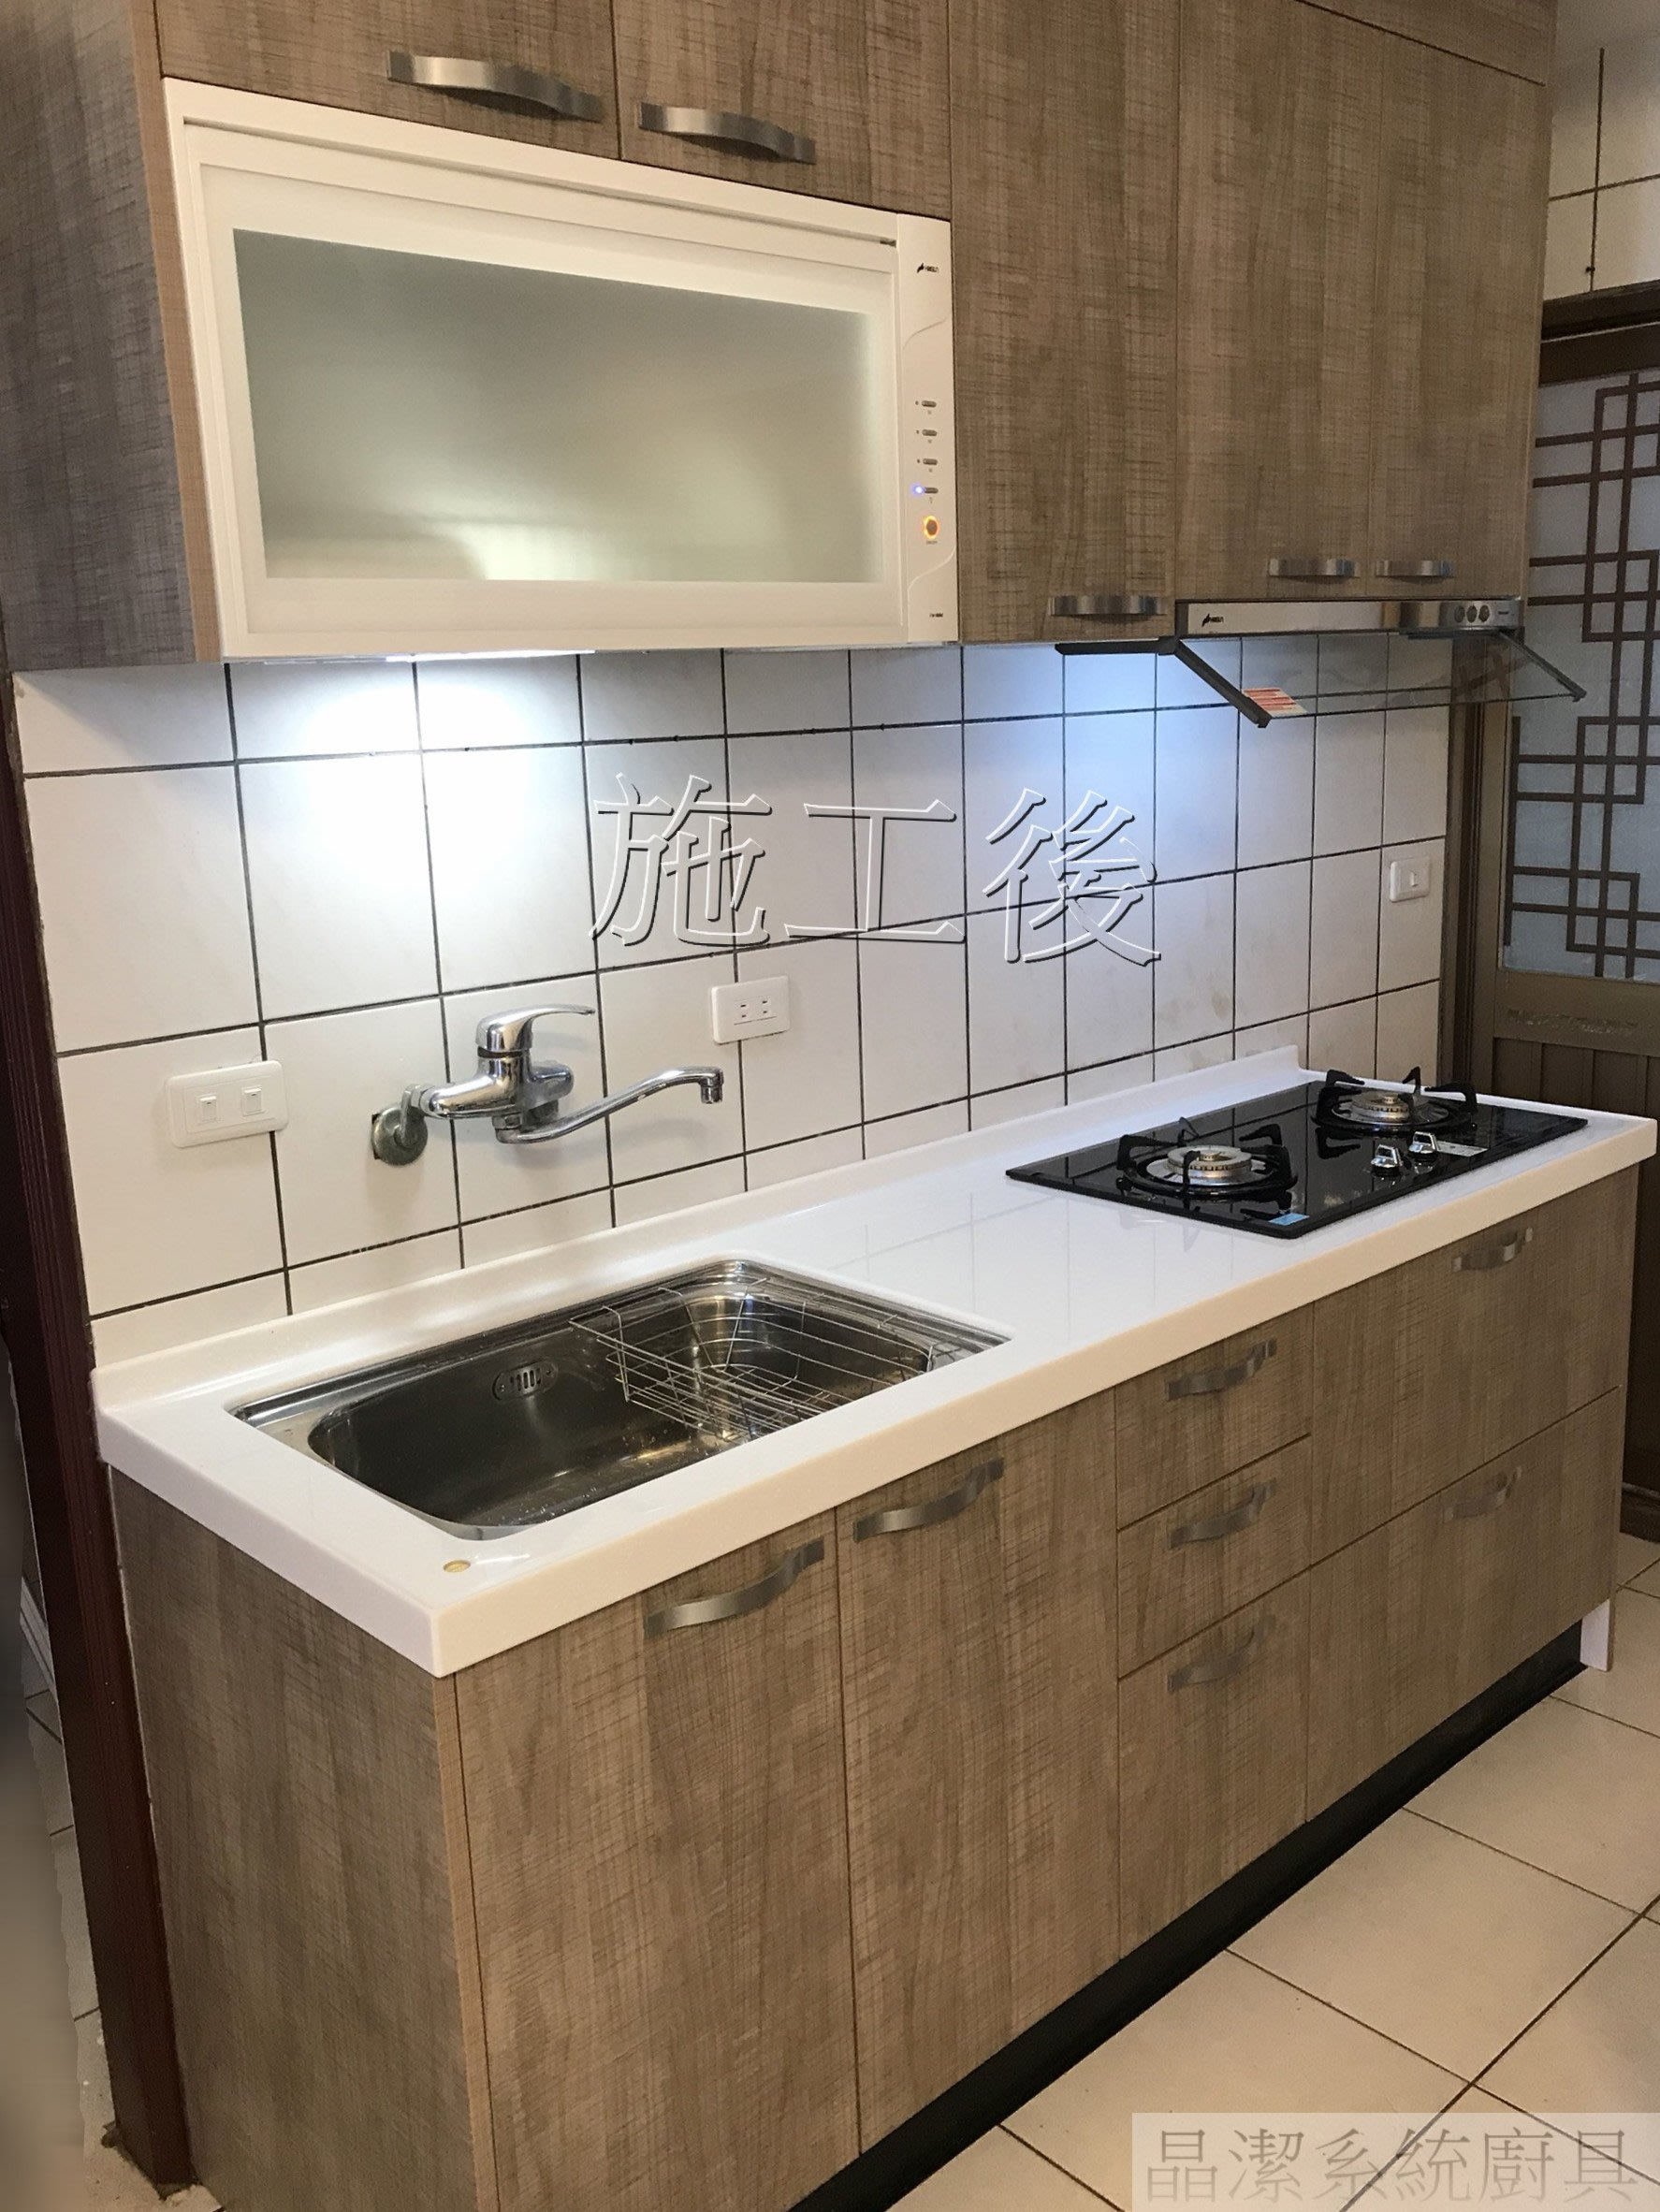 多款木紋色可挑 流理台 廚具 韓國人造石+美耐門+木心桶上下櫃200cm搭豪山三機 系統廚具